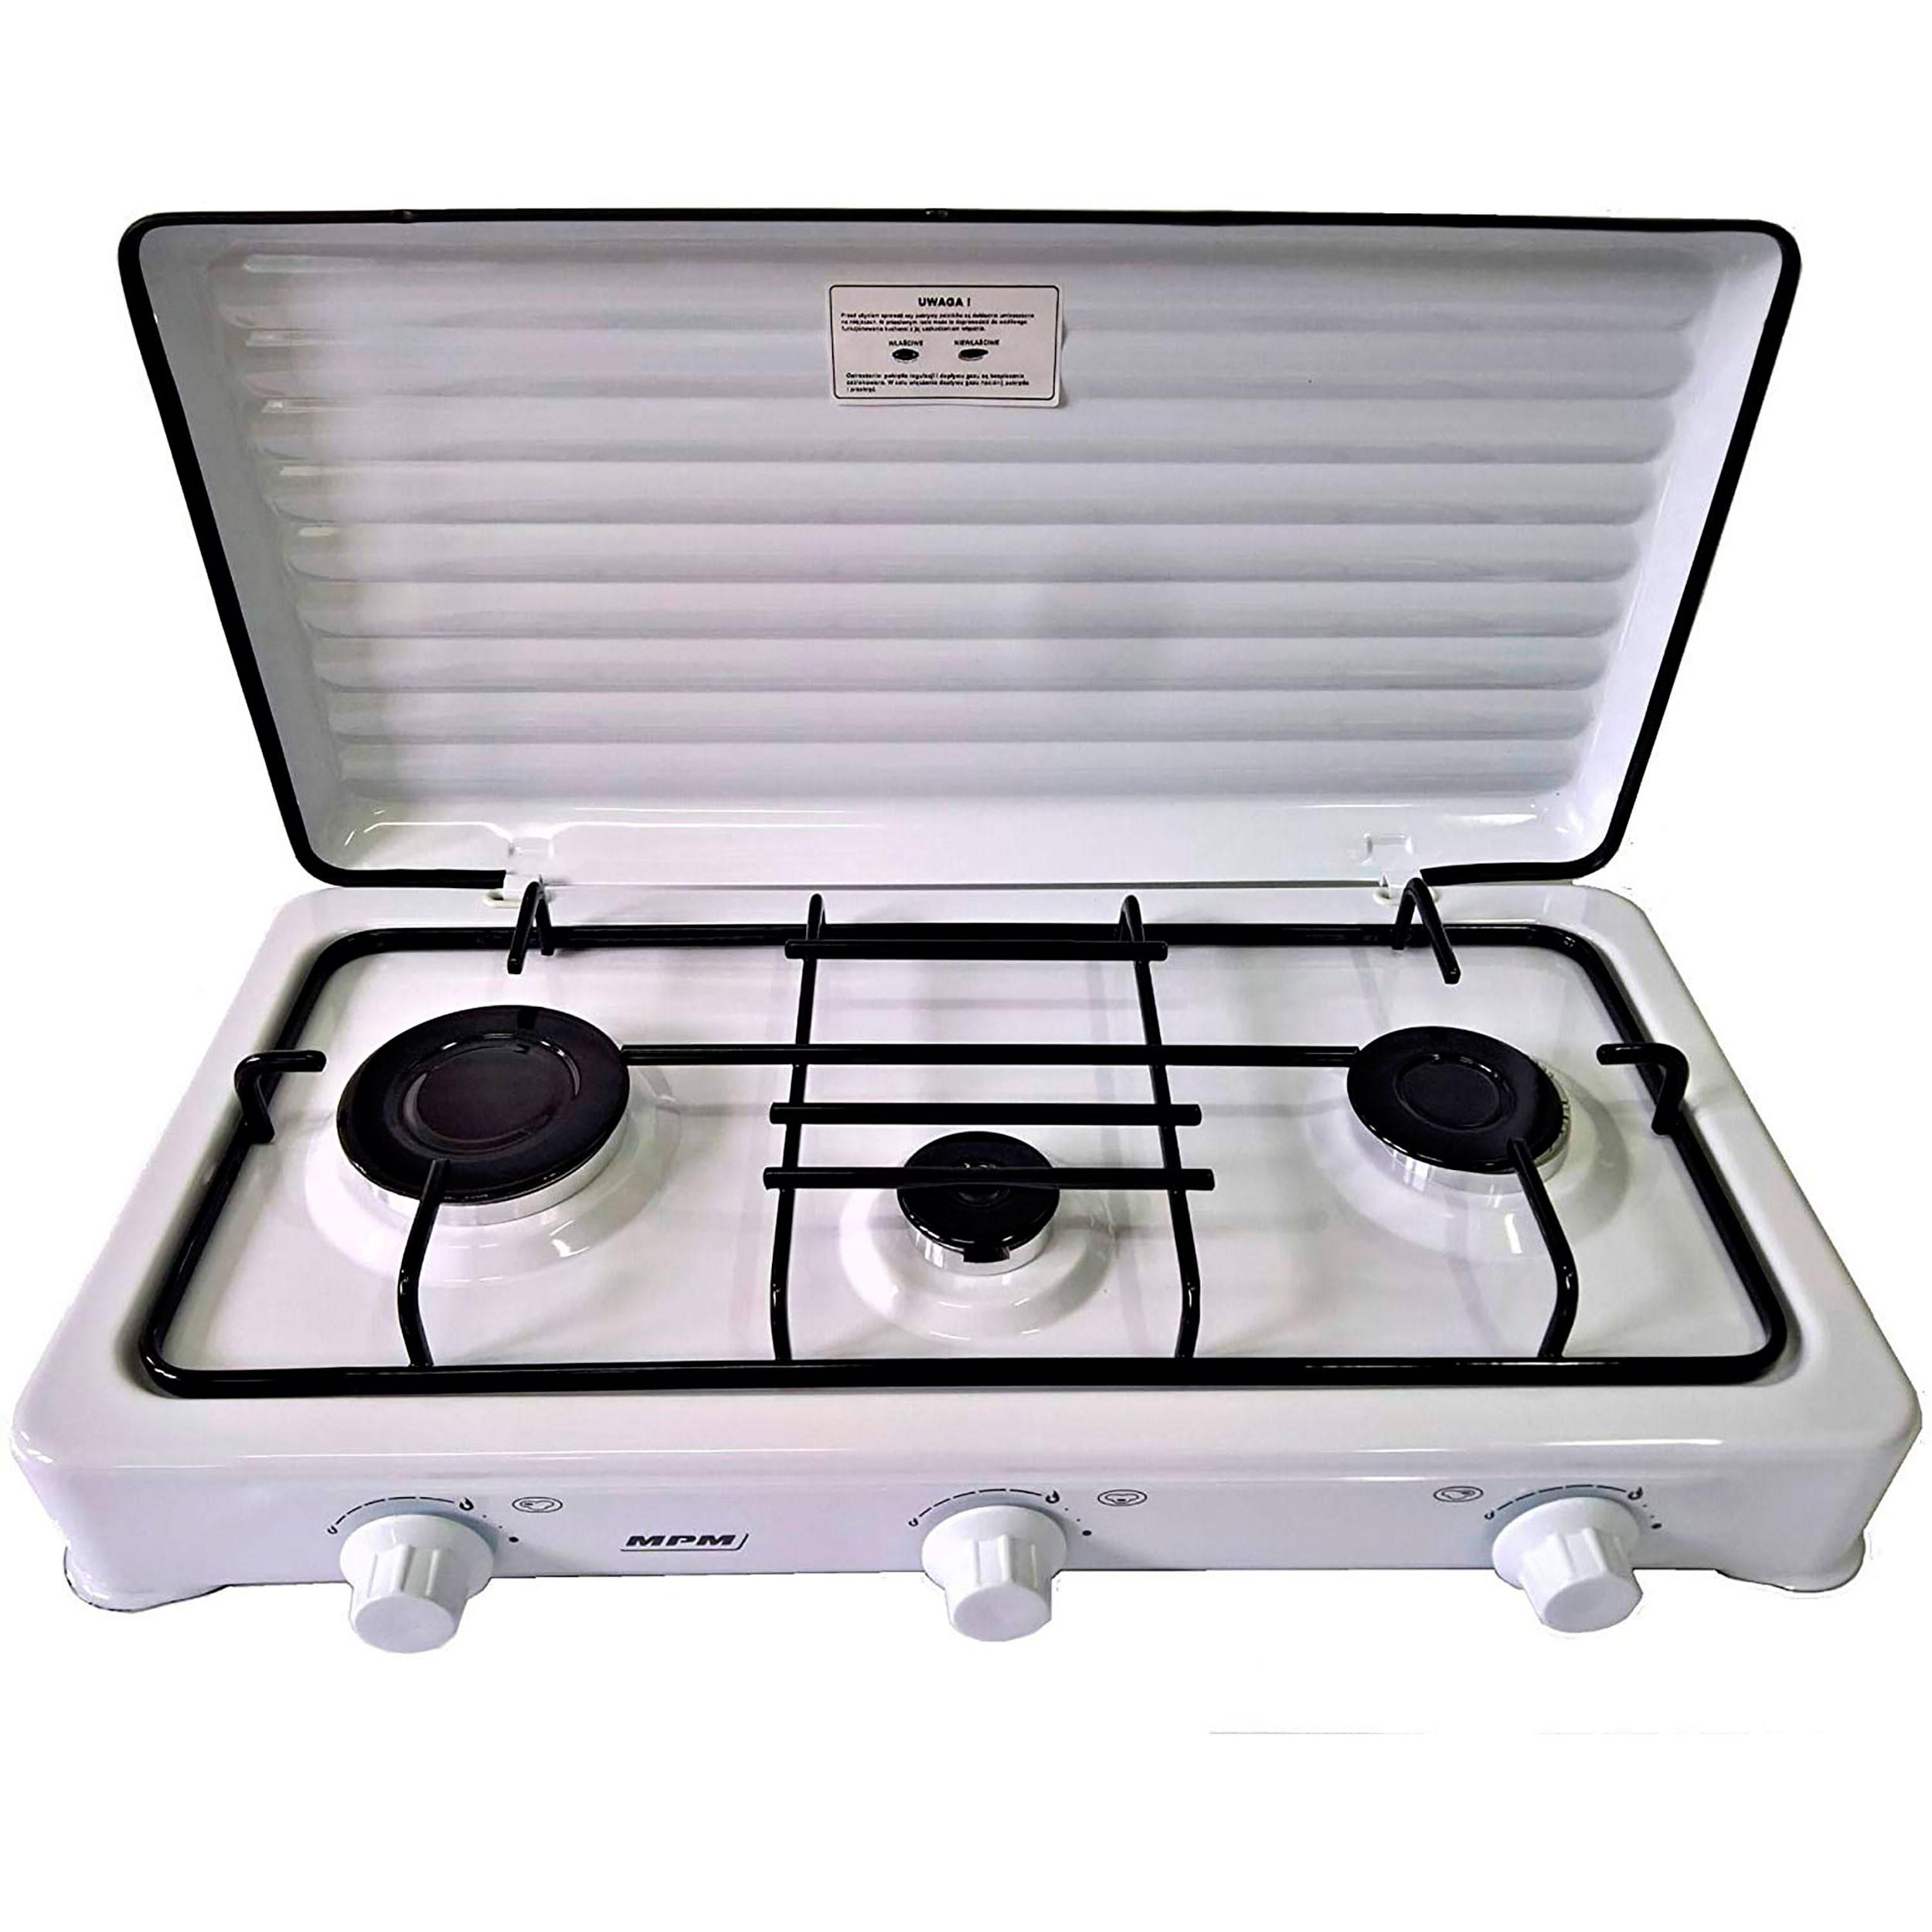 SMILE KN-03/1KB - Cocina de Gas Portátil para camping, 3 quemadores, blanco